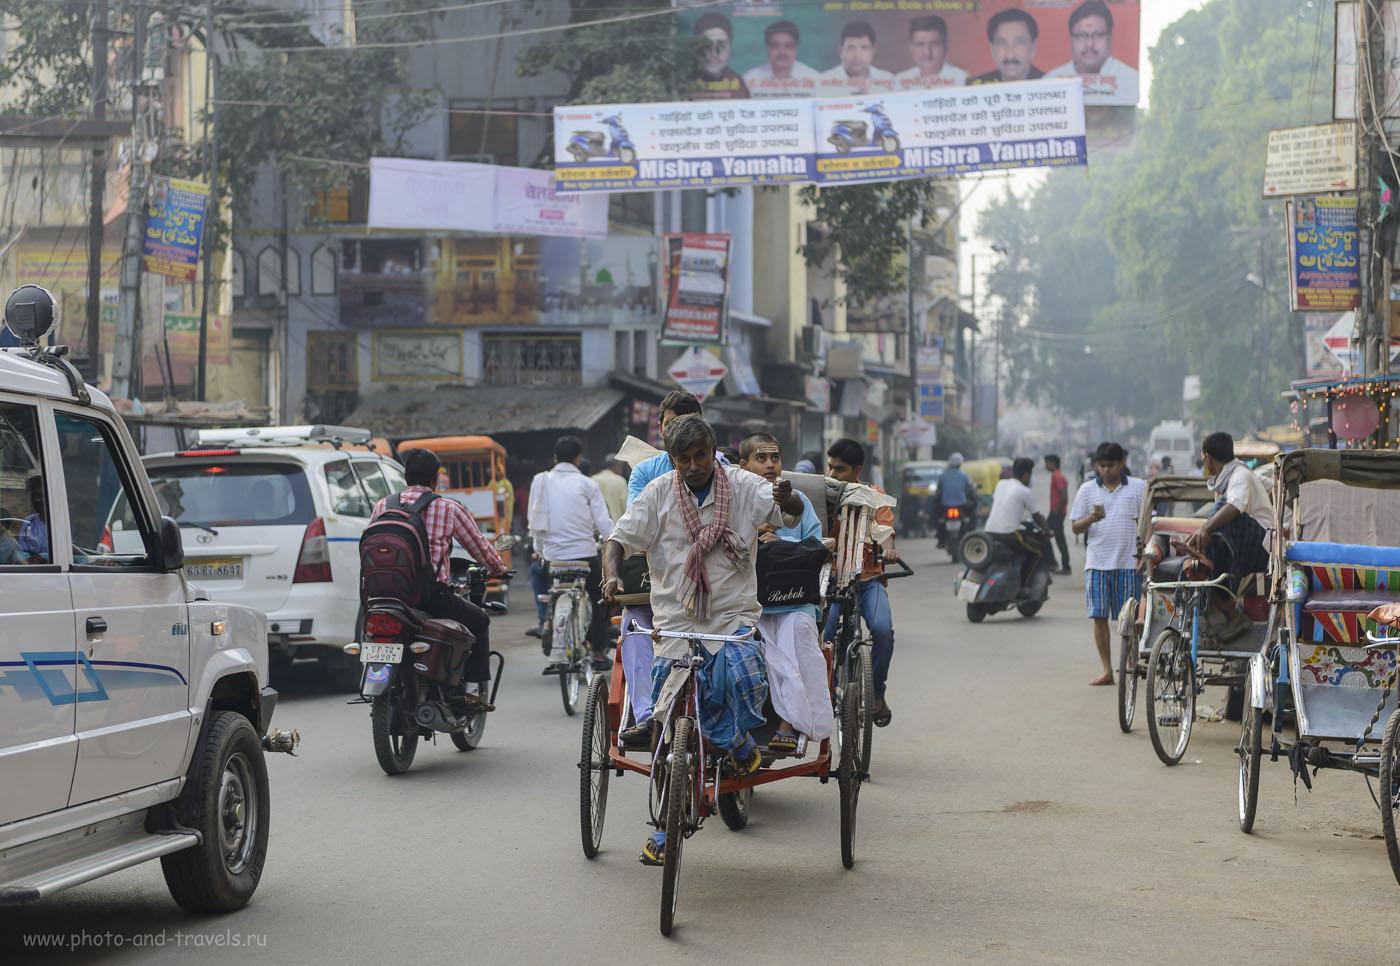 Фото 1. Отзывы туристов о самостоятельной поездке в Индию. Велорикша на улице в городе Варанаси. Камера Nikon D610. Объектив Nikkor 24-70/2.8. Настройки фотоаппарата при съемке: выдержка 1/800 секунды, диафрагма f/2.8, ISO 250, фокусное расстояние 70 мм.